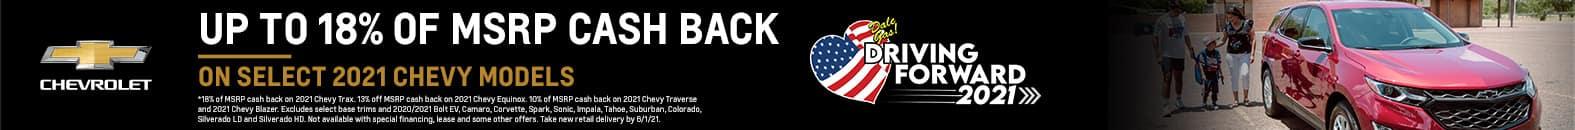 Cash Back | Mission, TX